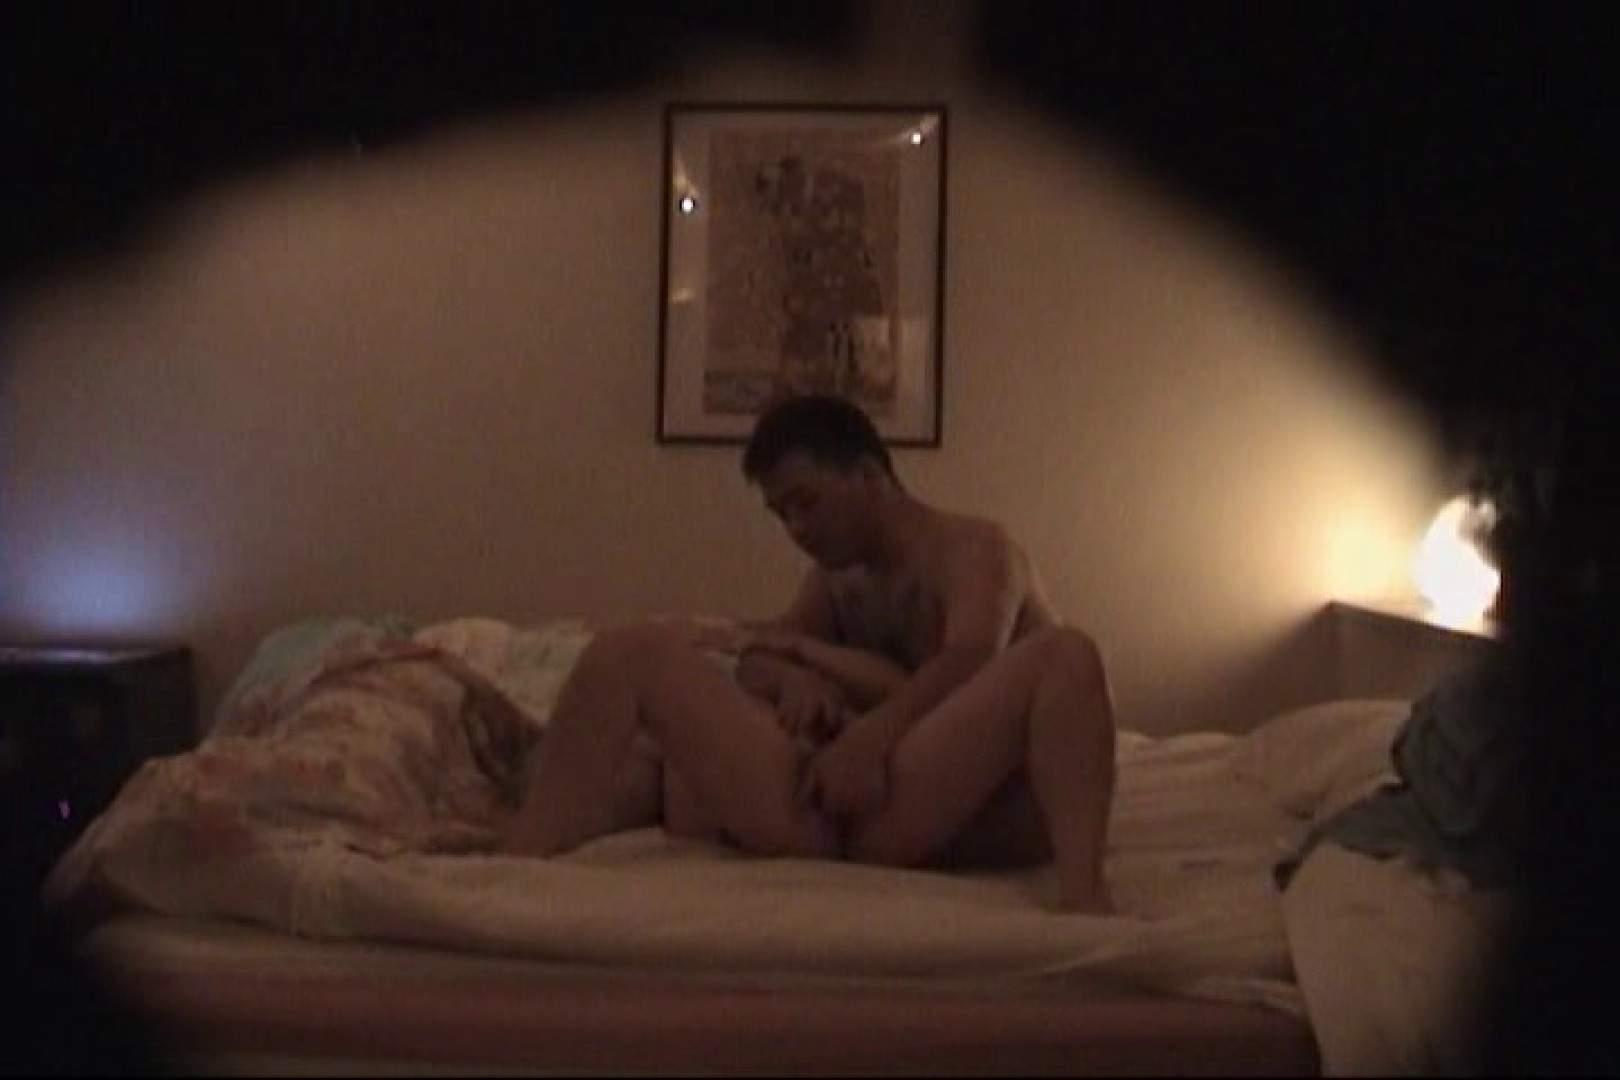 デリ嬢マル秘撮り本物投稿版④ ホテル オメコ無修正動画無料 100pic 39